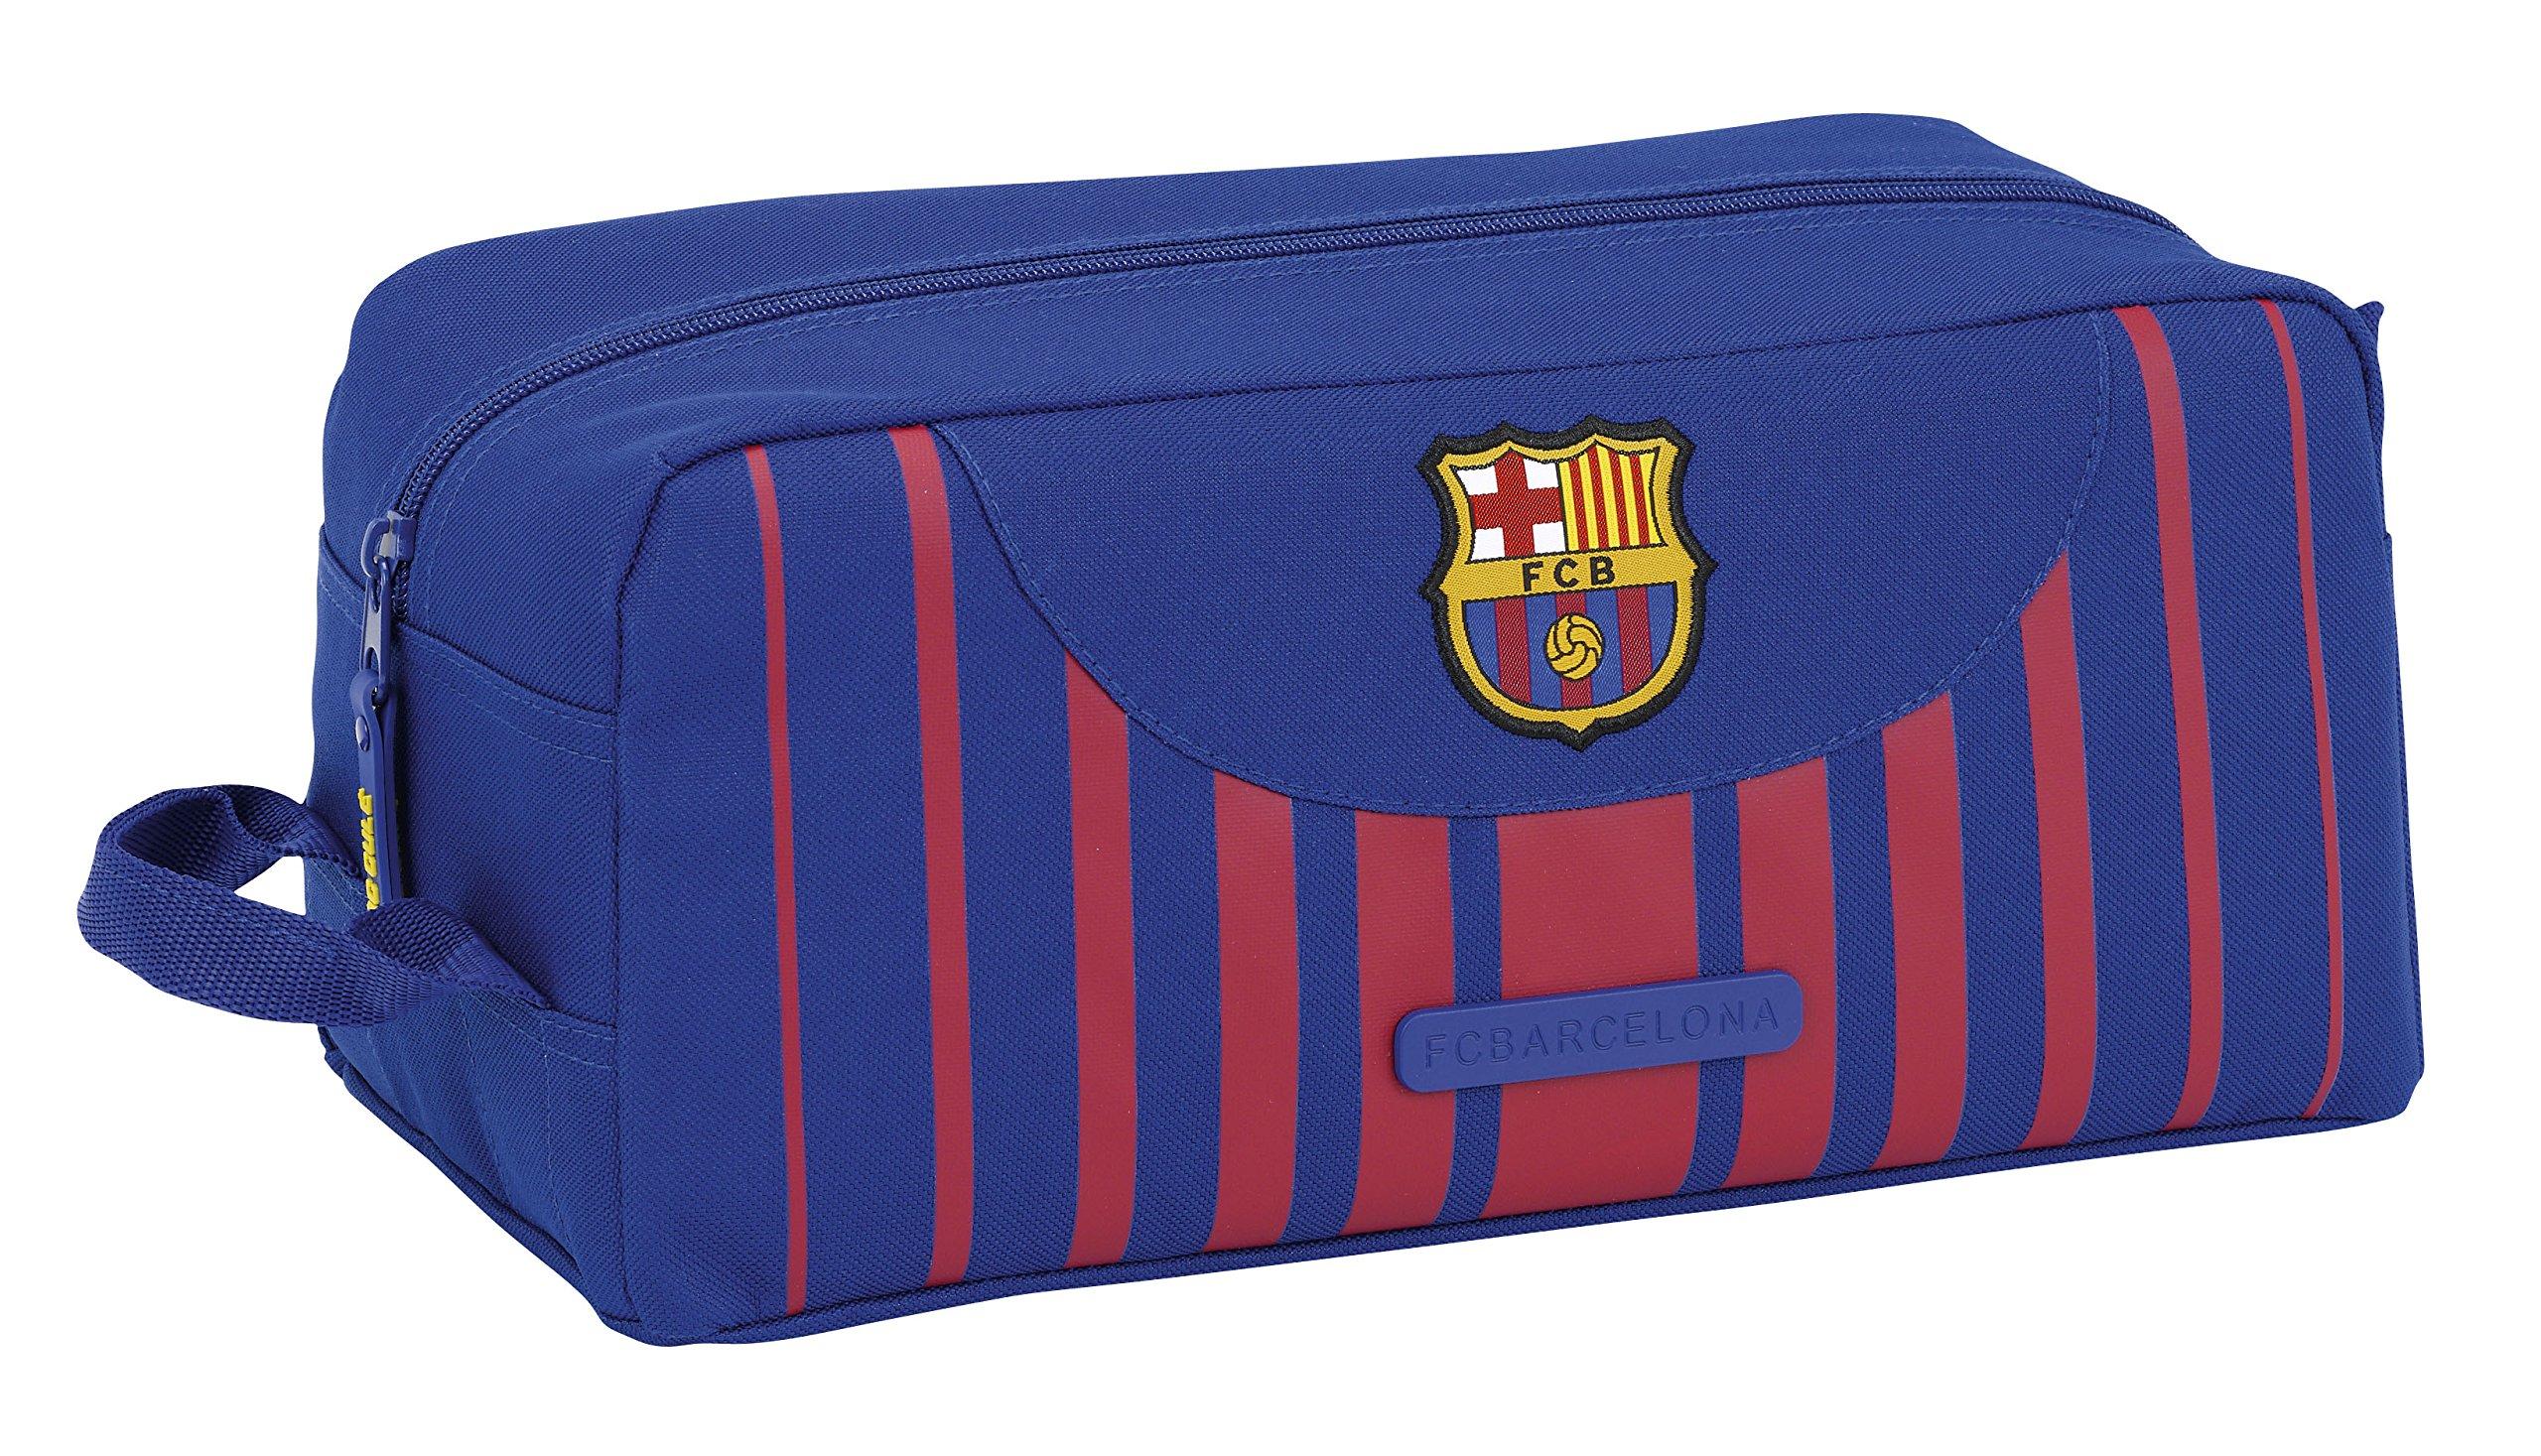 Safta Zapatillero F.C. Barcelona 17/18 Oficial 340x180x150mm